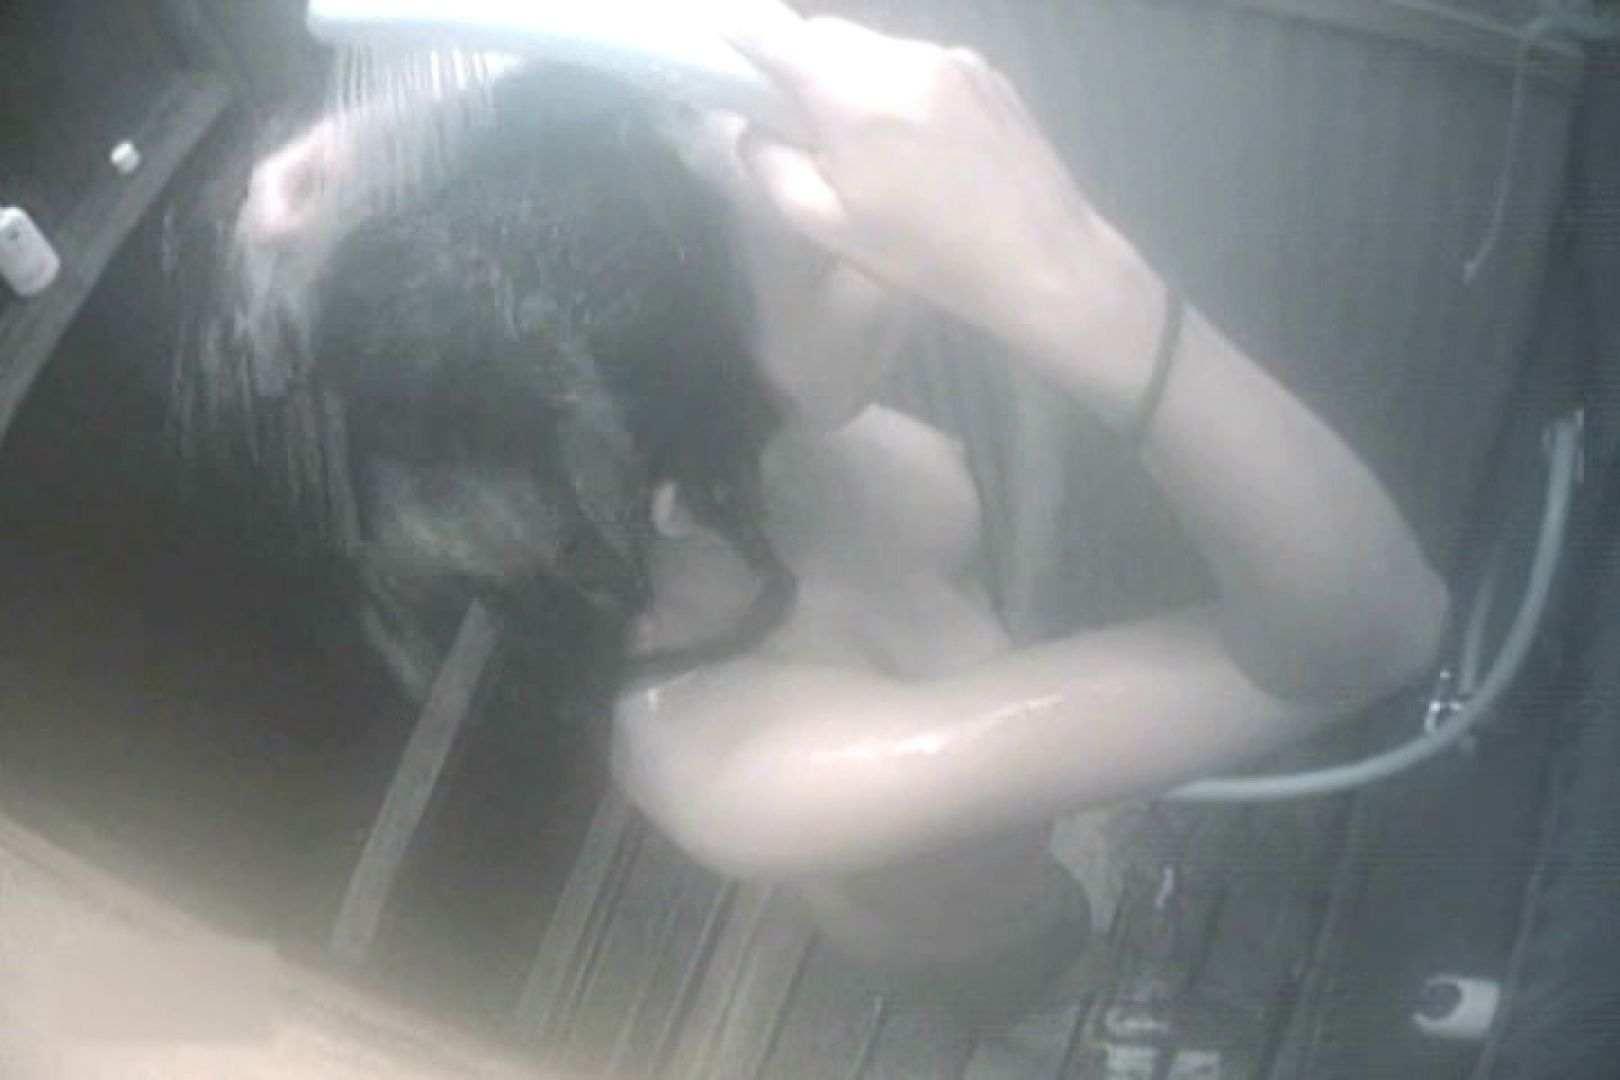 夏海シャワー室!ベトベトお肌をサラサラに!VOL.14 OLセックス 盗撮オメコ無修正動画無料 62画像 32